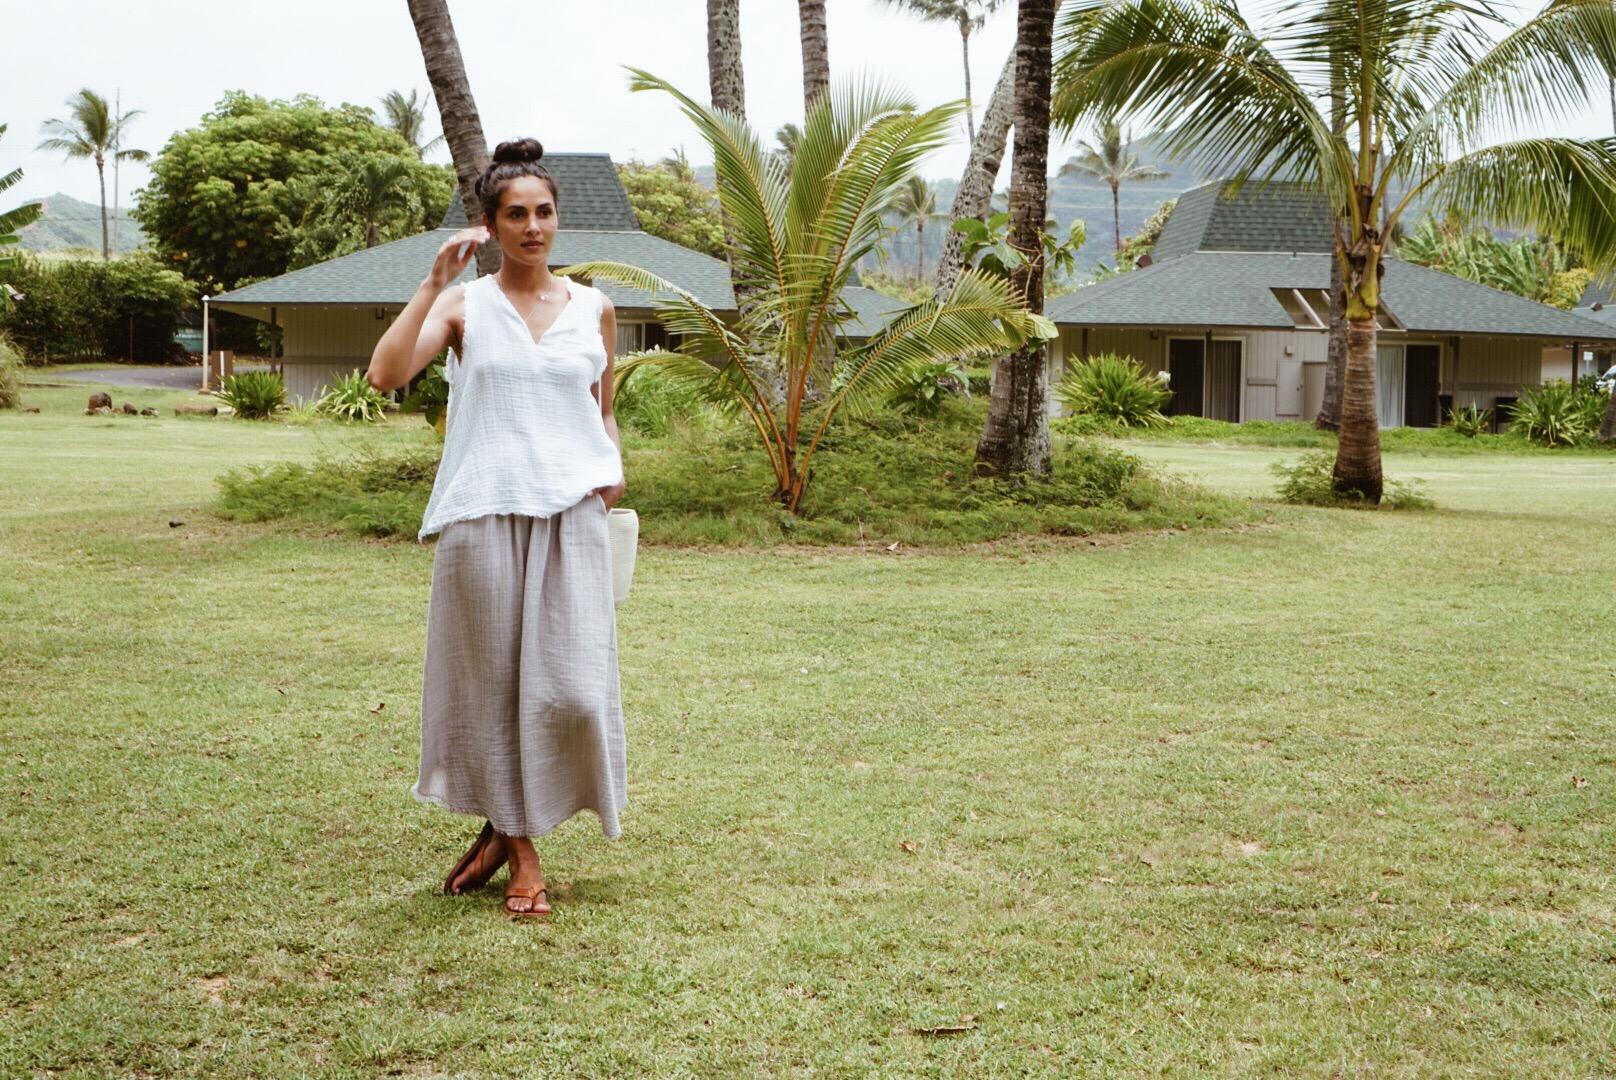 It Is Well LA  skirt and top +  Catzorange  bucket bag + Moment sandals